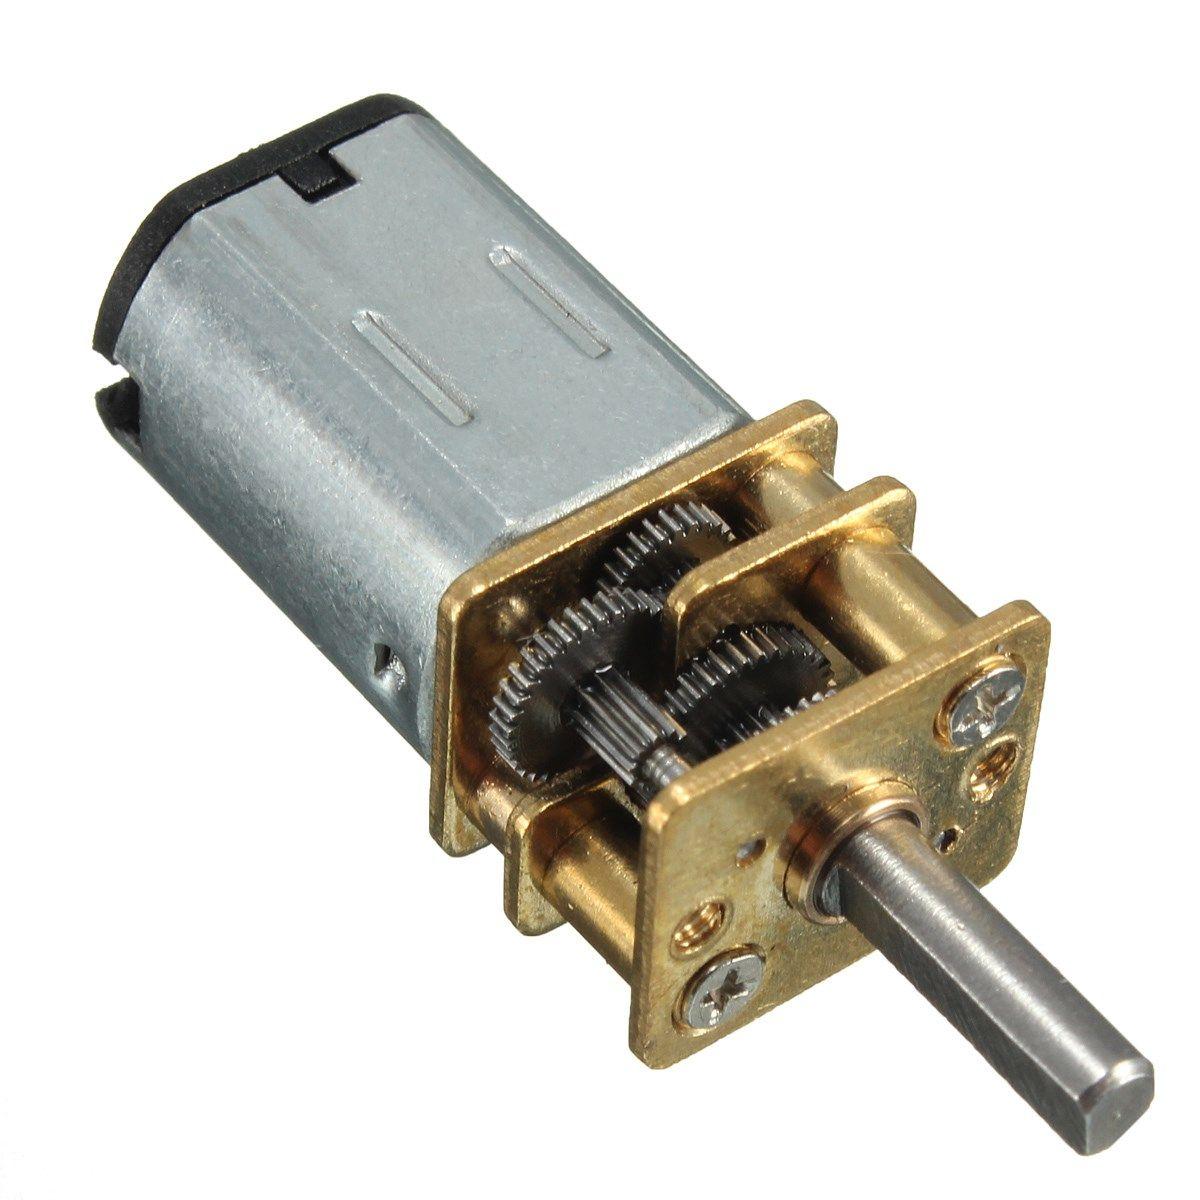 Getriebemotor 6VDC 30Upm N20 12mm